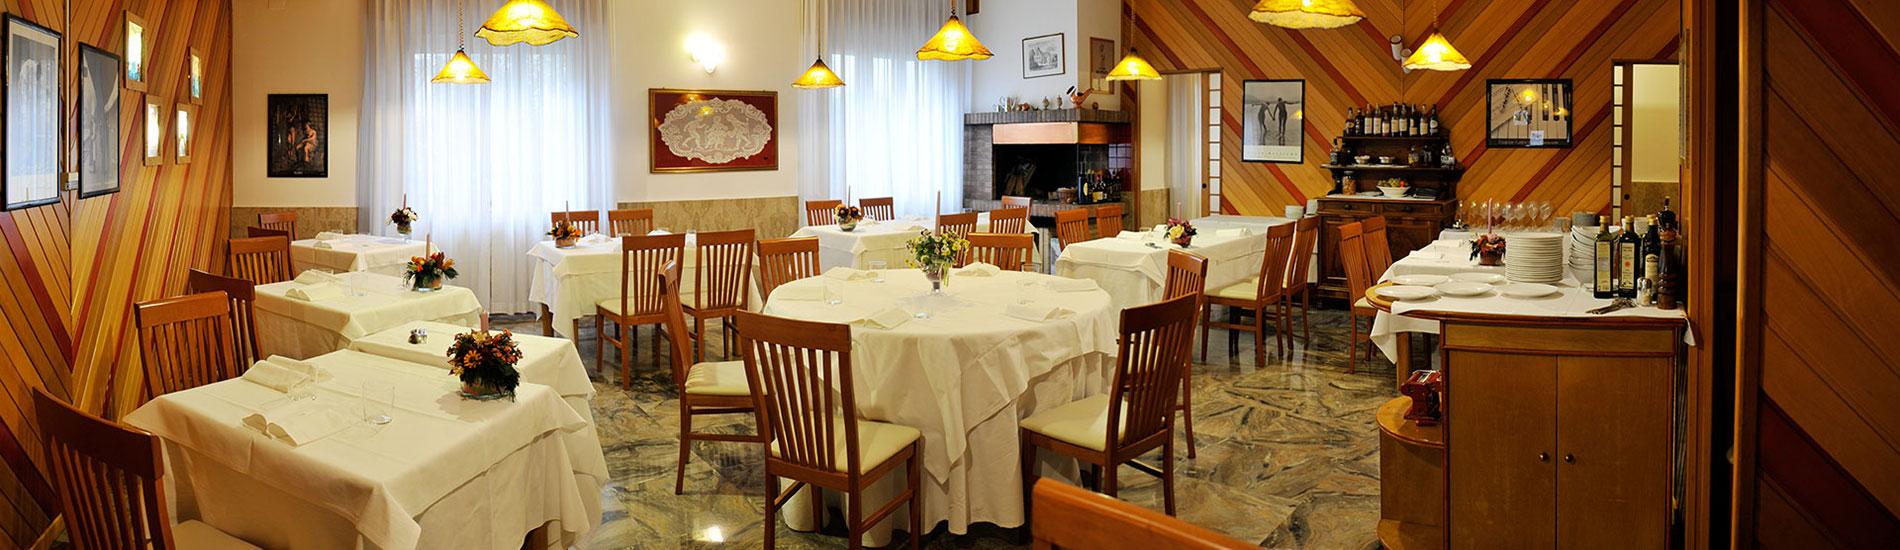 ristorante-locanda-aurilia-ristorante-enoteca-hotel-loreggia-padova